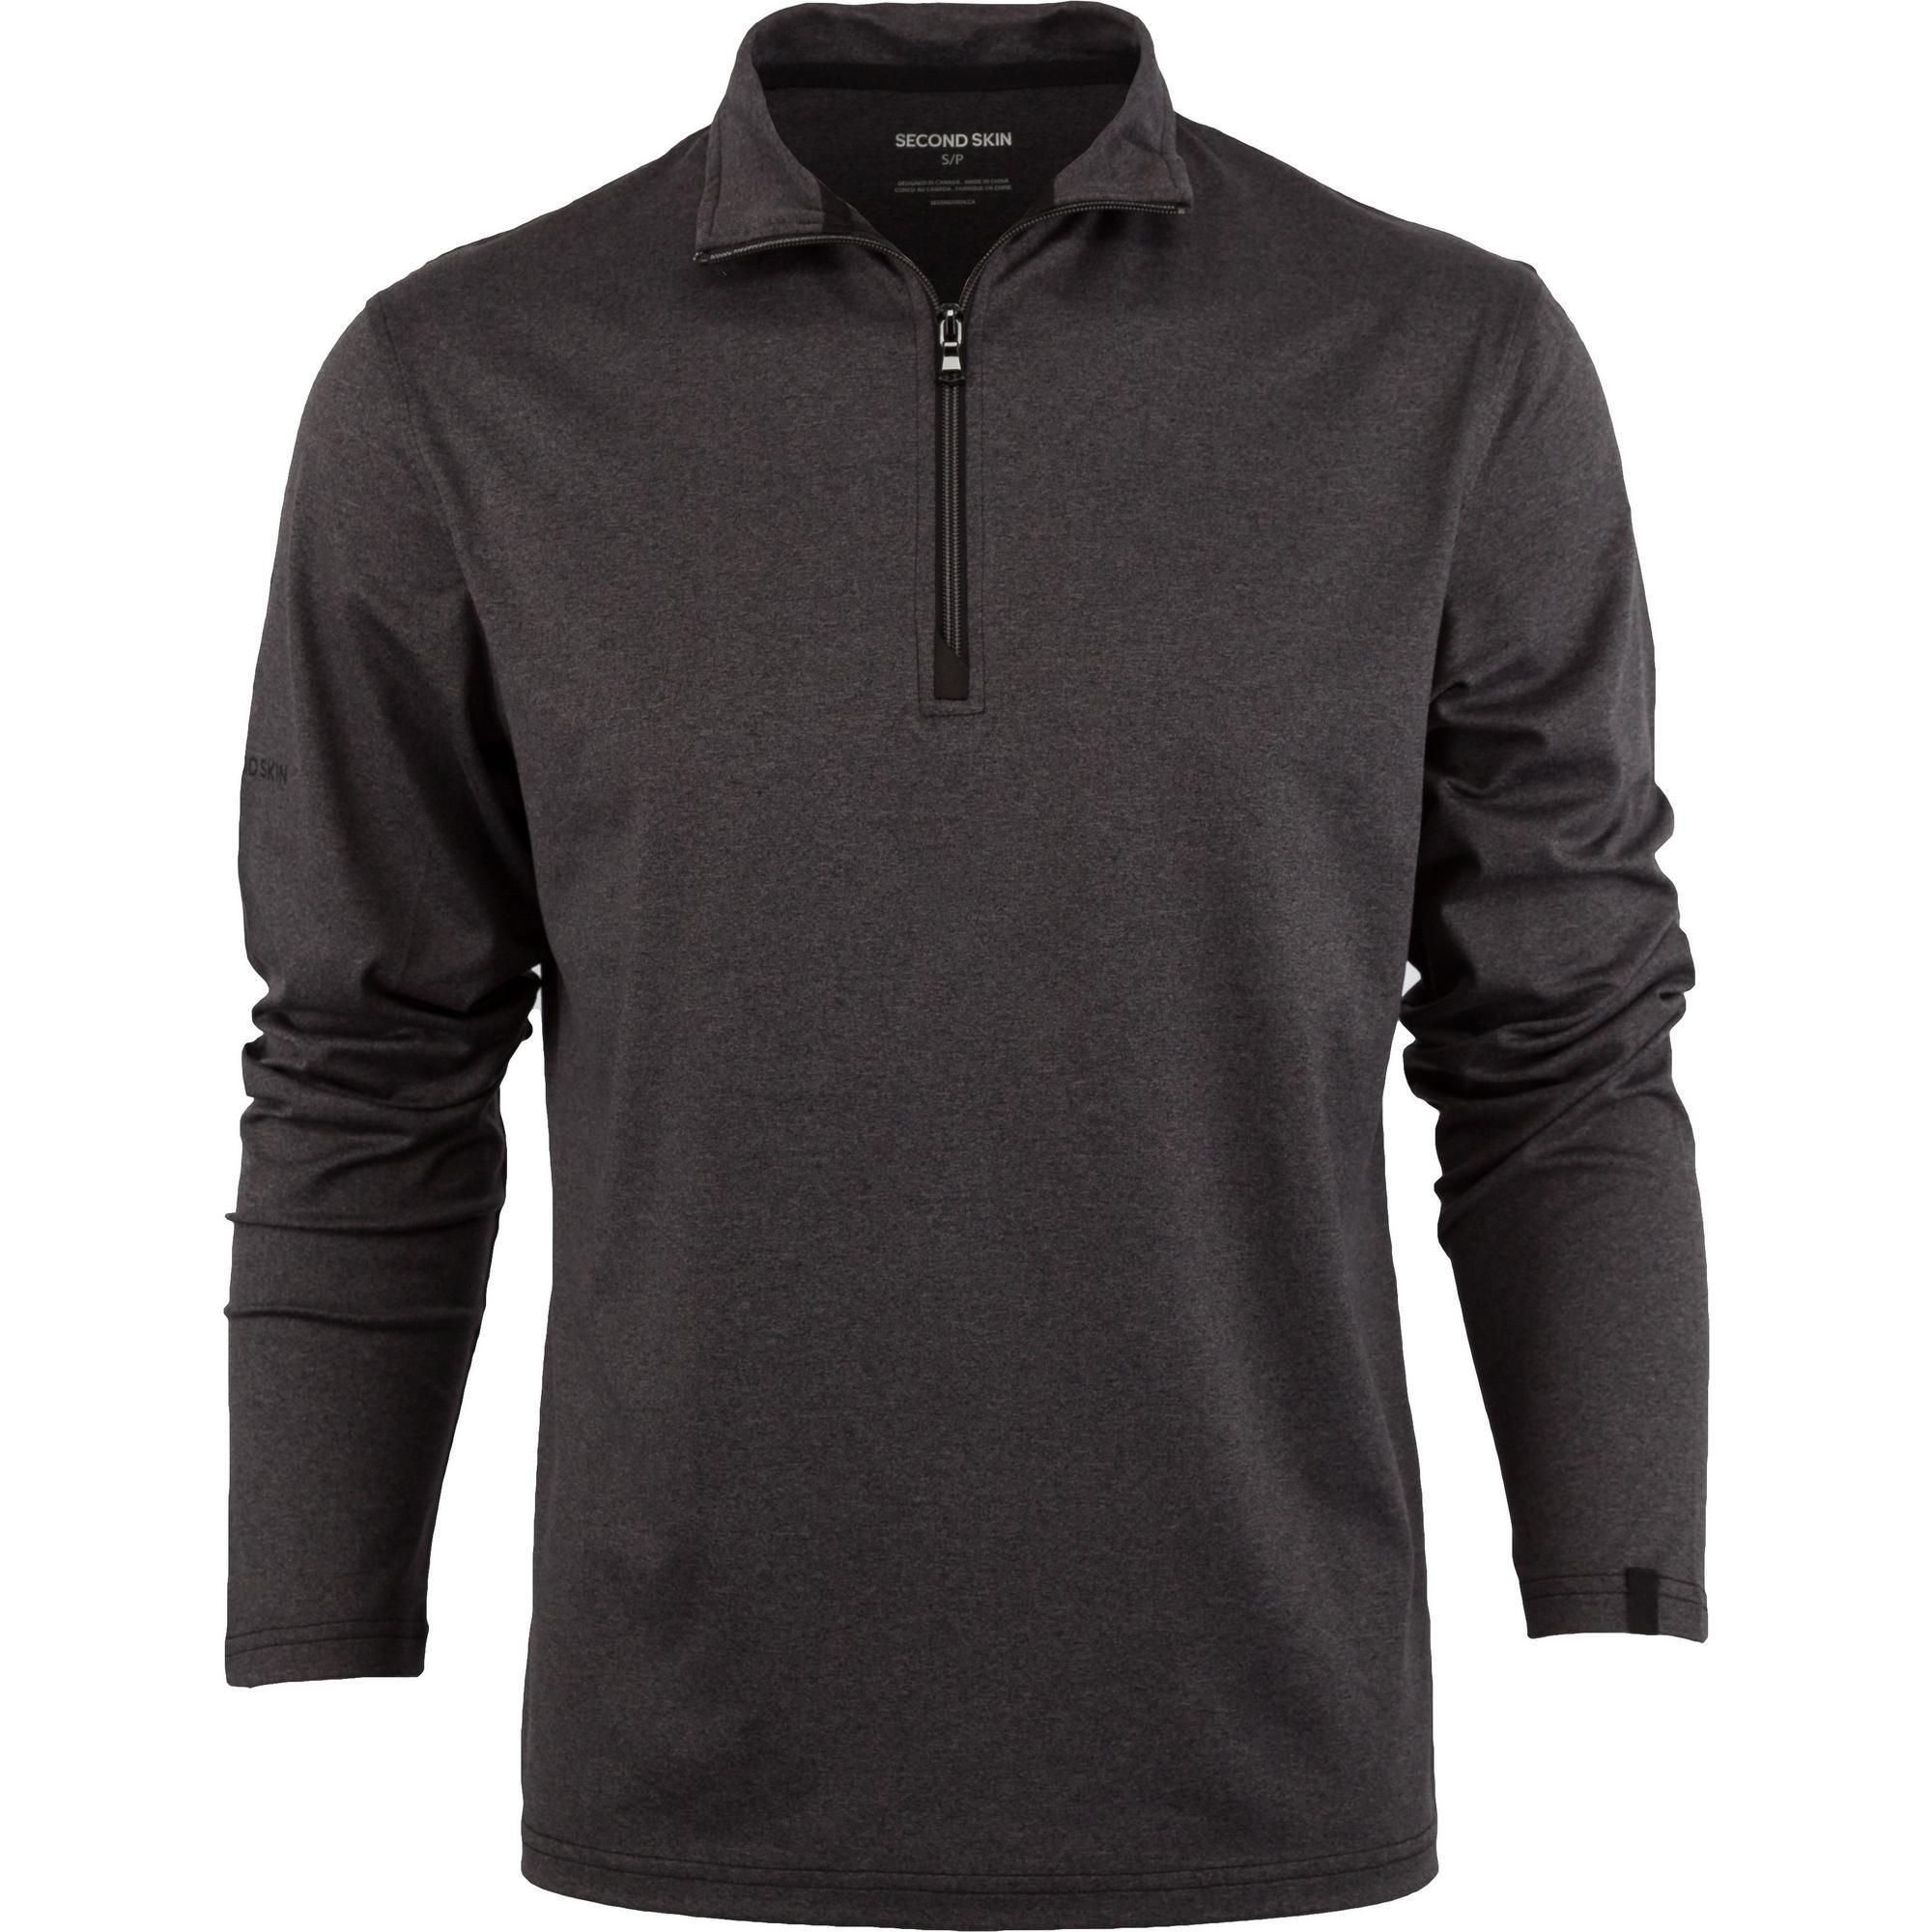 Men's Blend 1/4 Zip Pullover